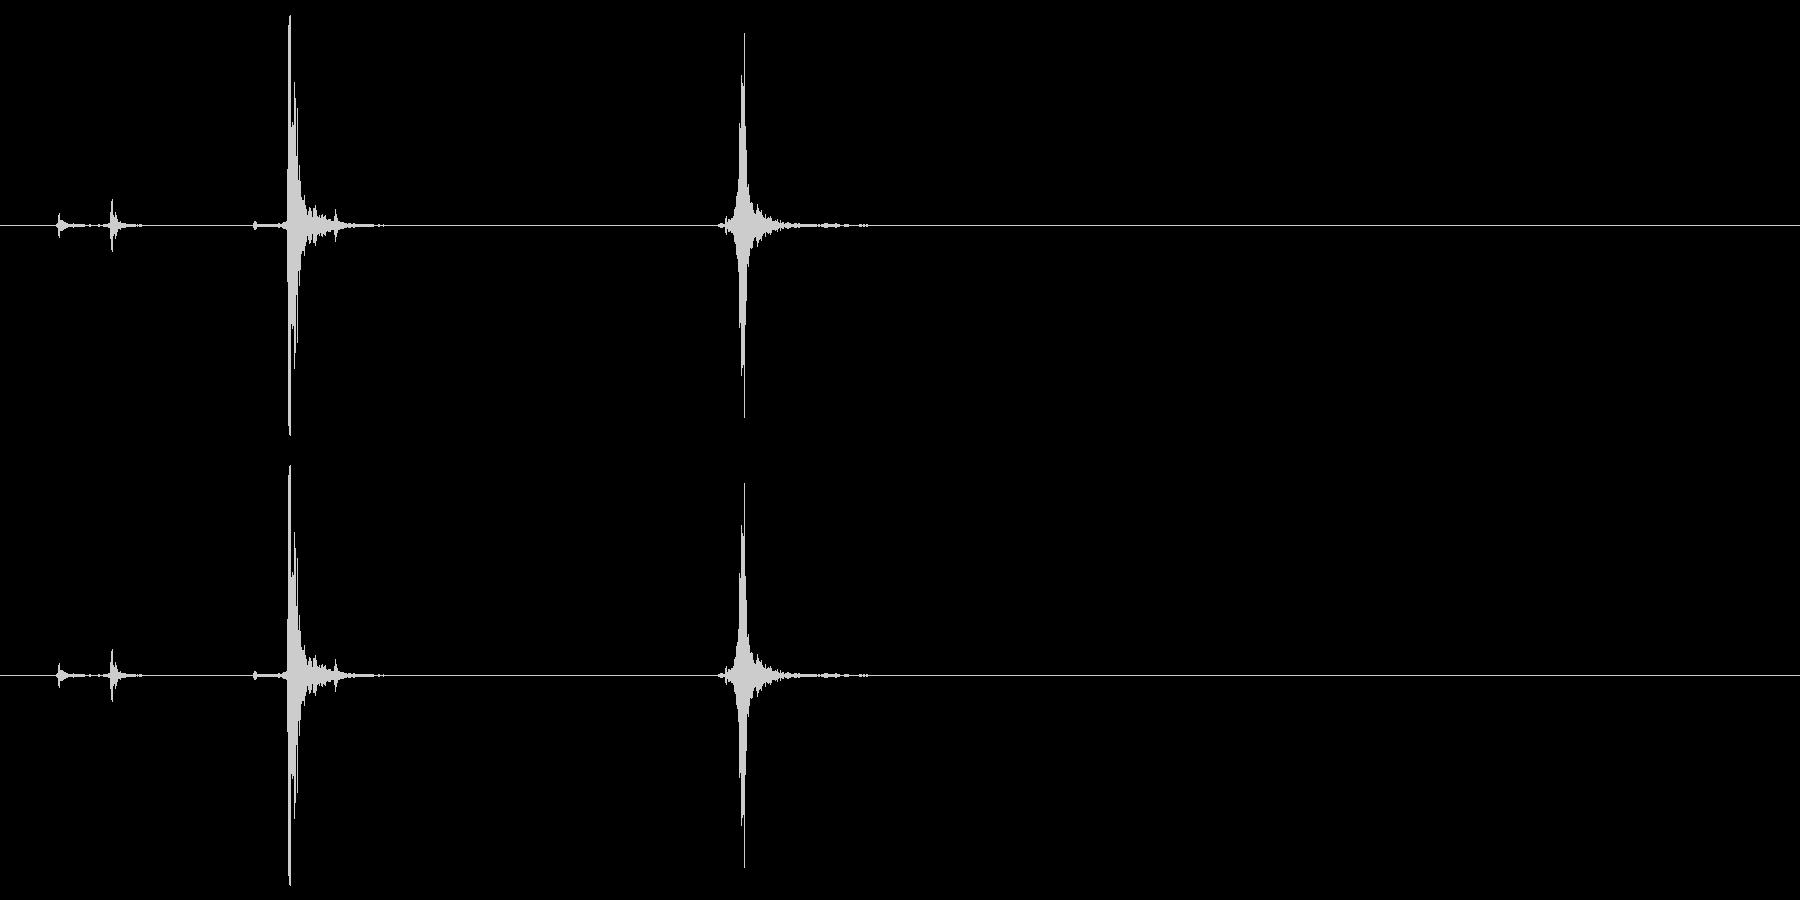 パッチン(ステープラー、ホッチキス音)Bの未再生の波形